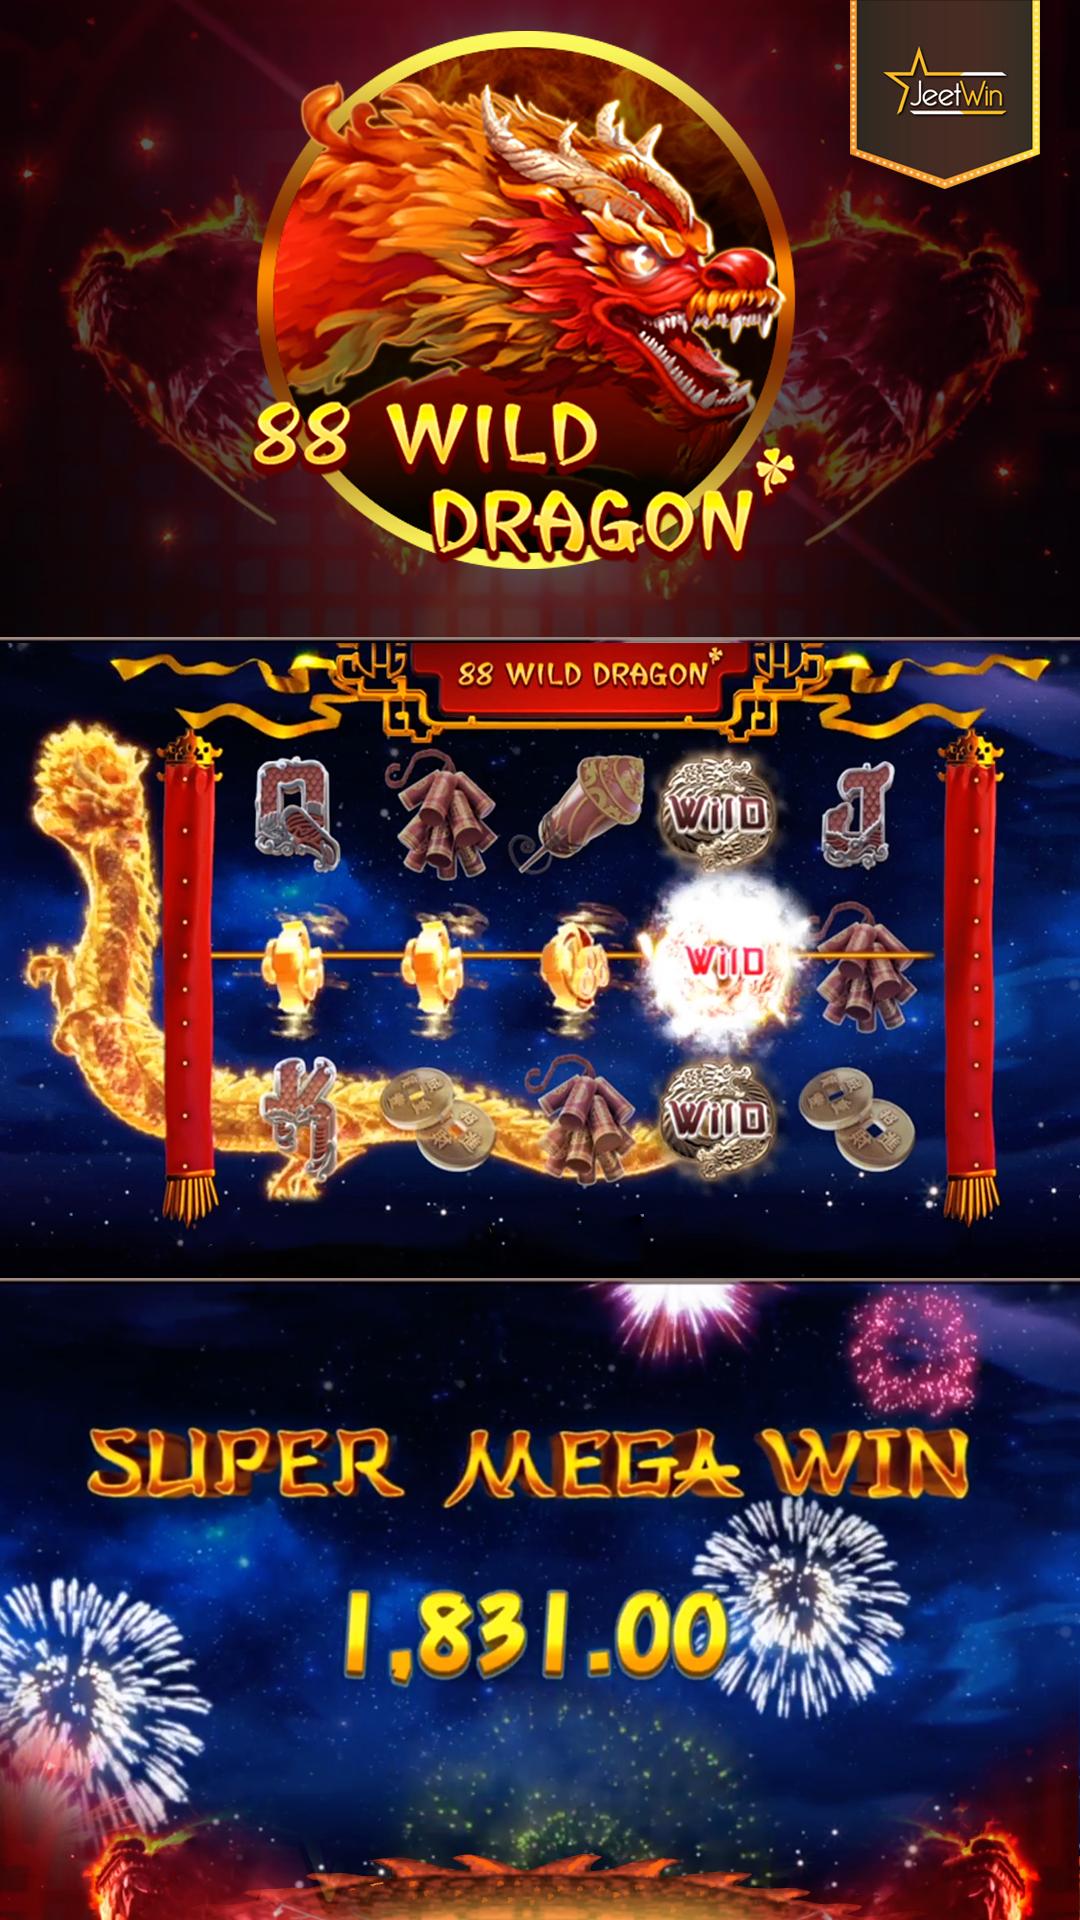 ボード「Casino Dragon Tiger」のピン